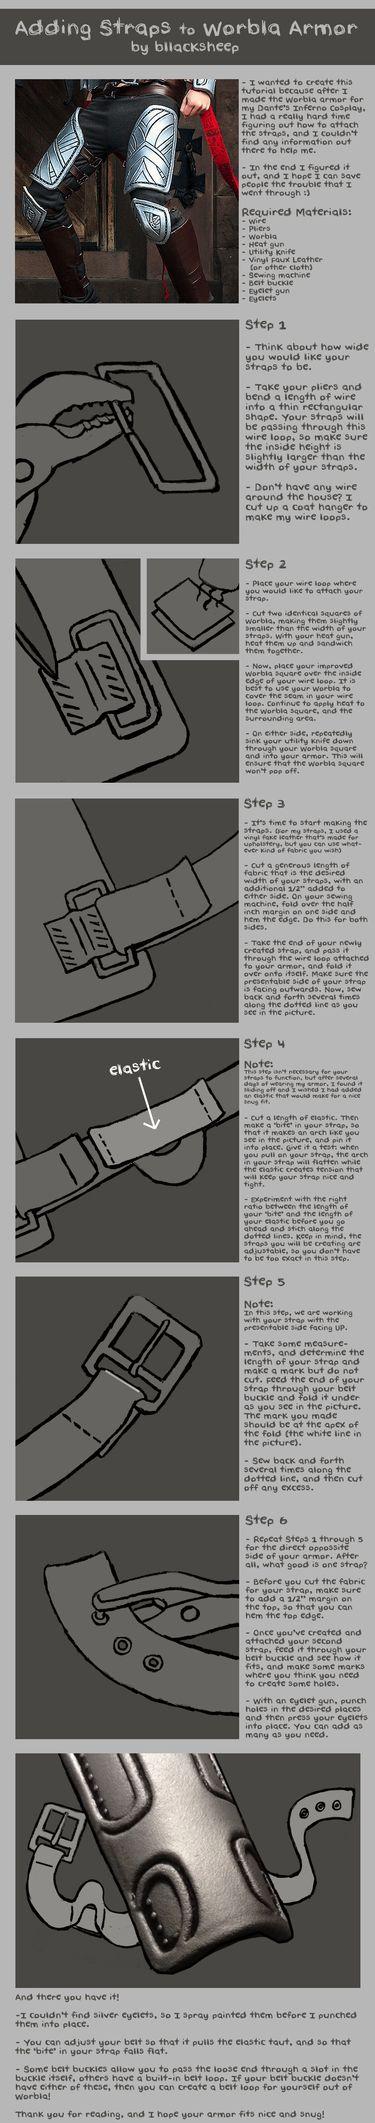 Adding Straps to Worbla Armor Tutorial by *Bllacksheep on deviantART - Endlich eine Anleitung zu dem Thema zu dem ich mir die ganze Zeit noch den Kopf zerbrochen habe.